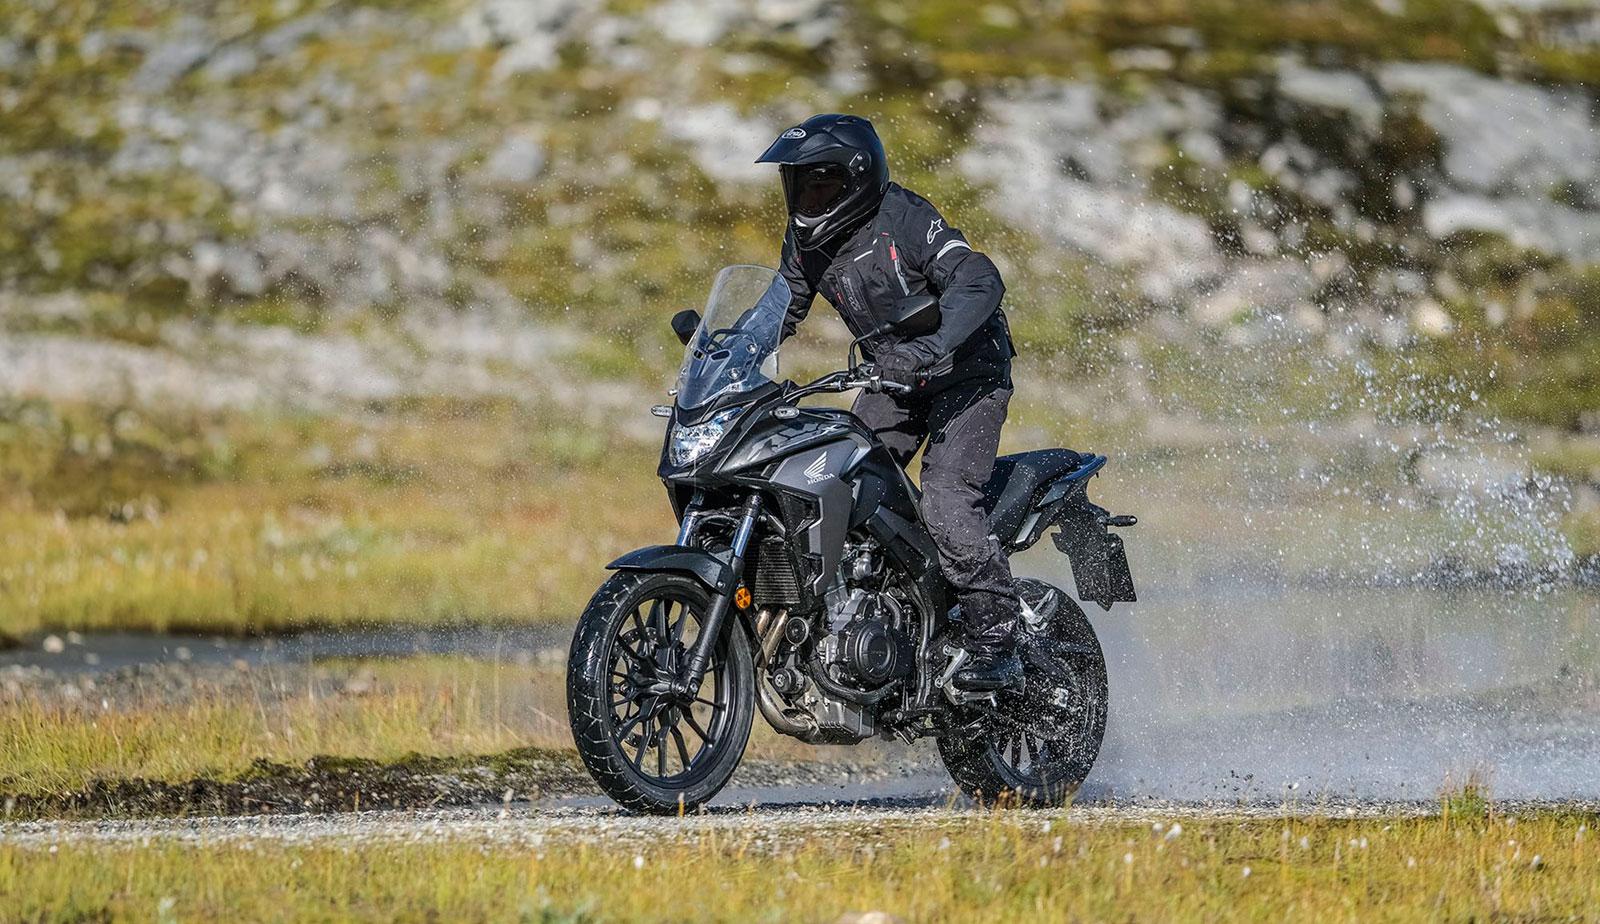 Gama Adventure.Imagen de piloto sobre Honda CB500X fuera de pista y sobre agua